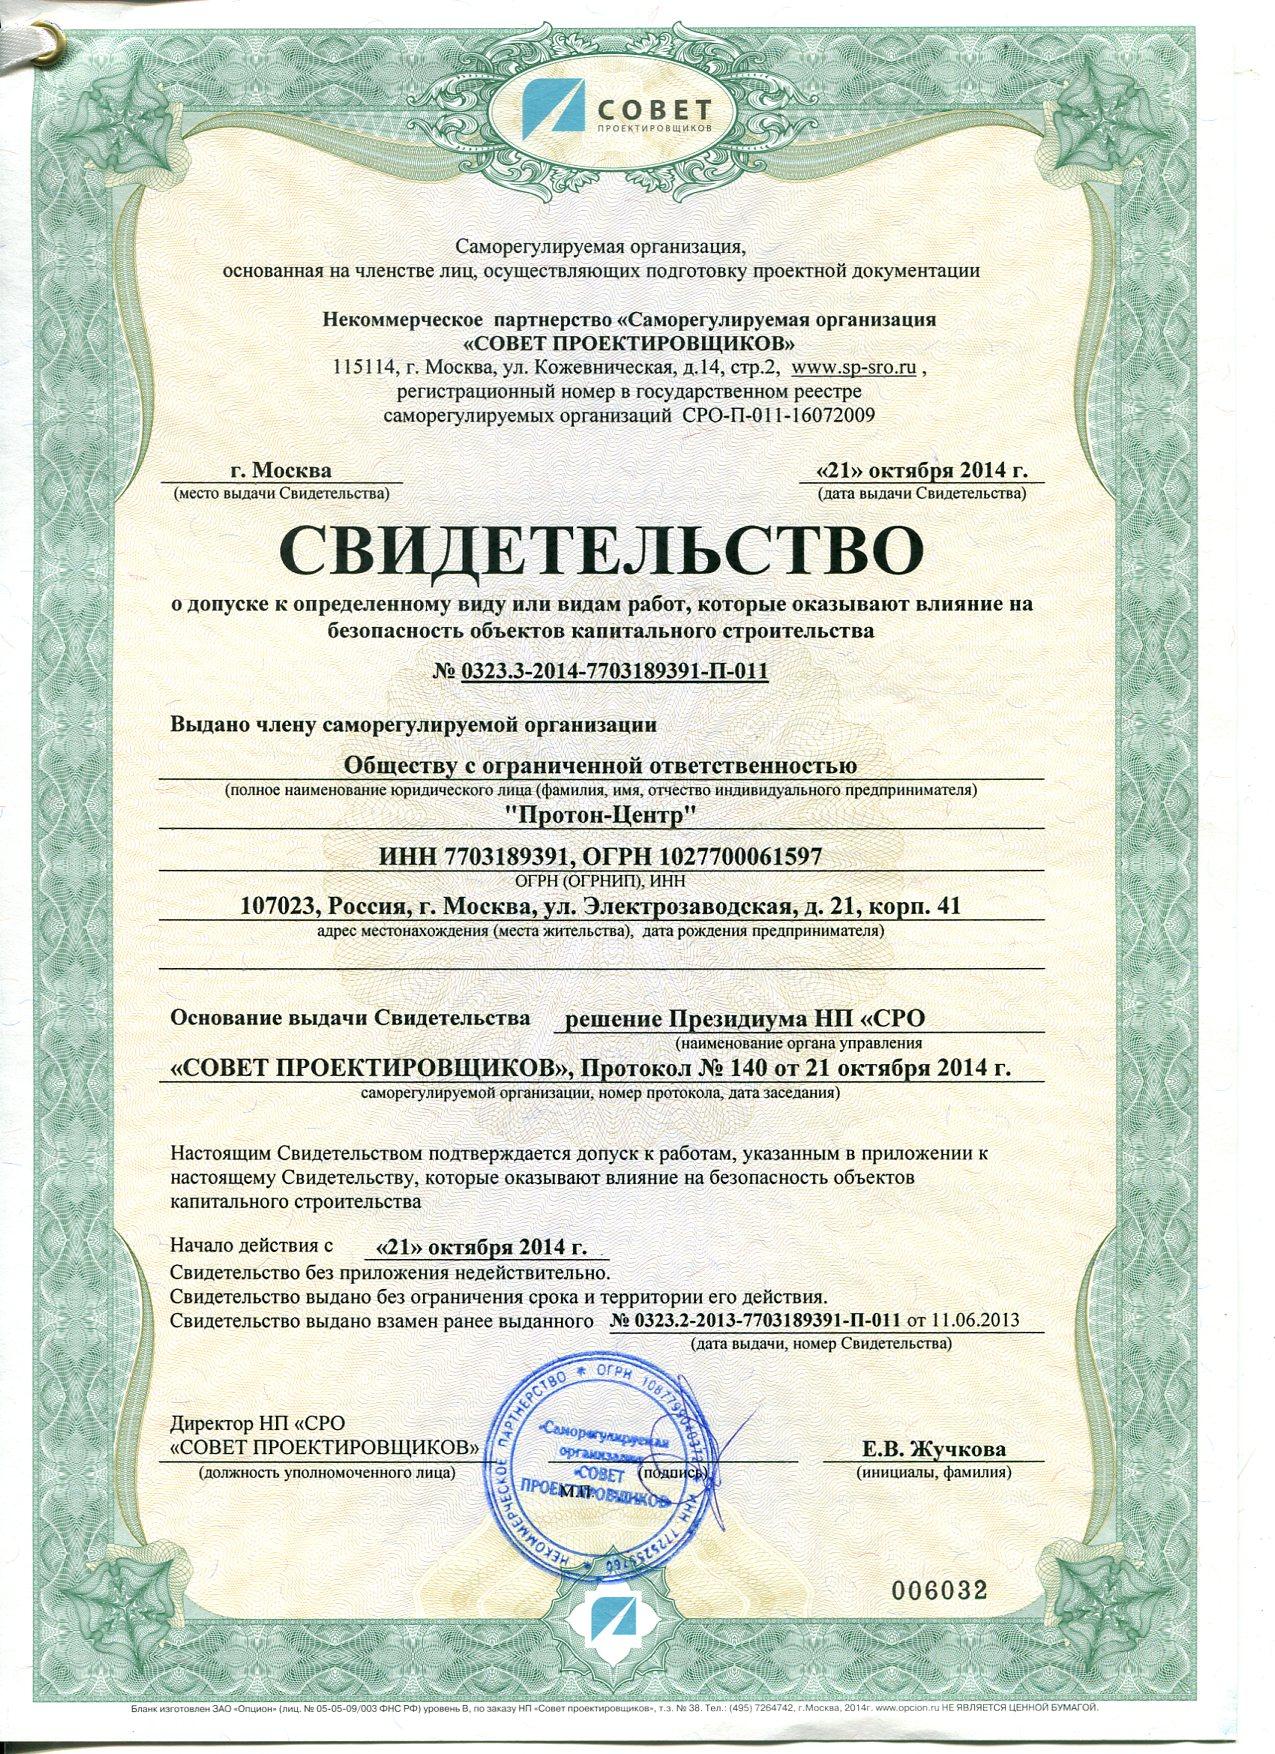 Свидетельство СРО Проектировщиков002